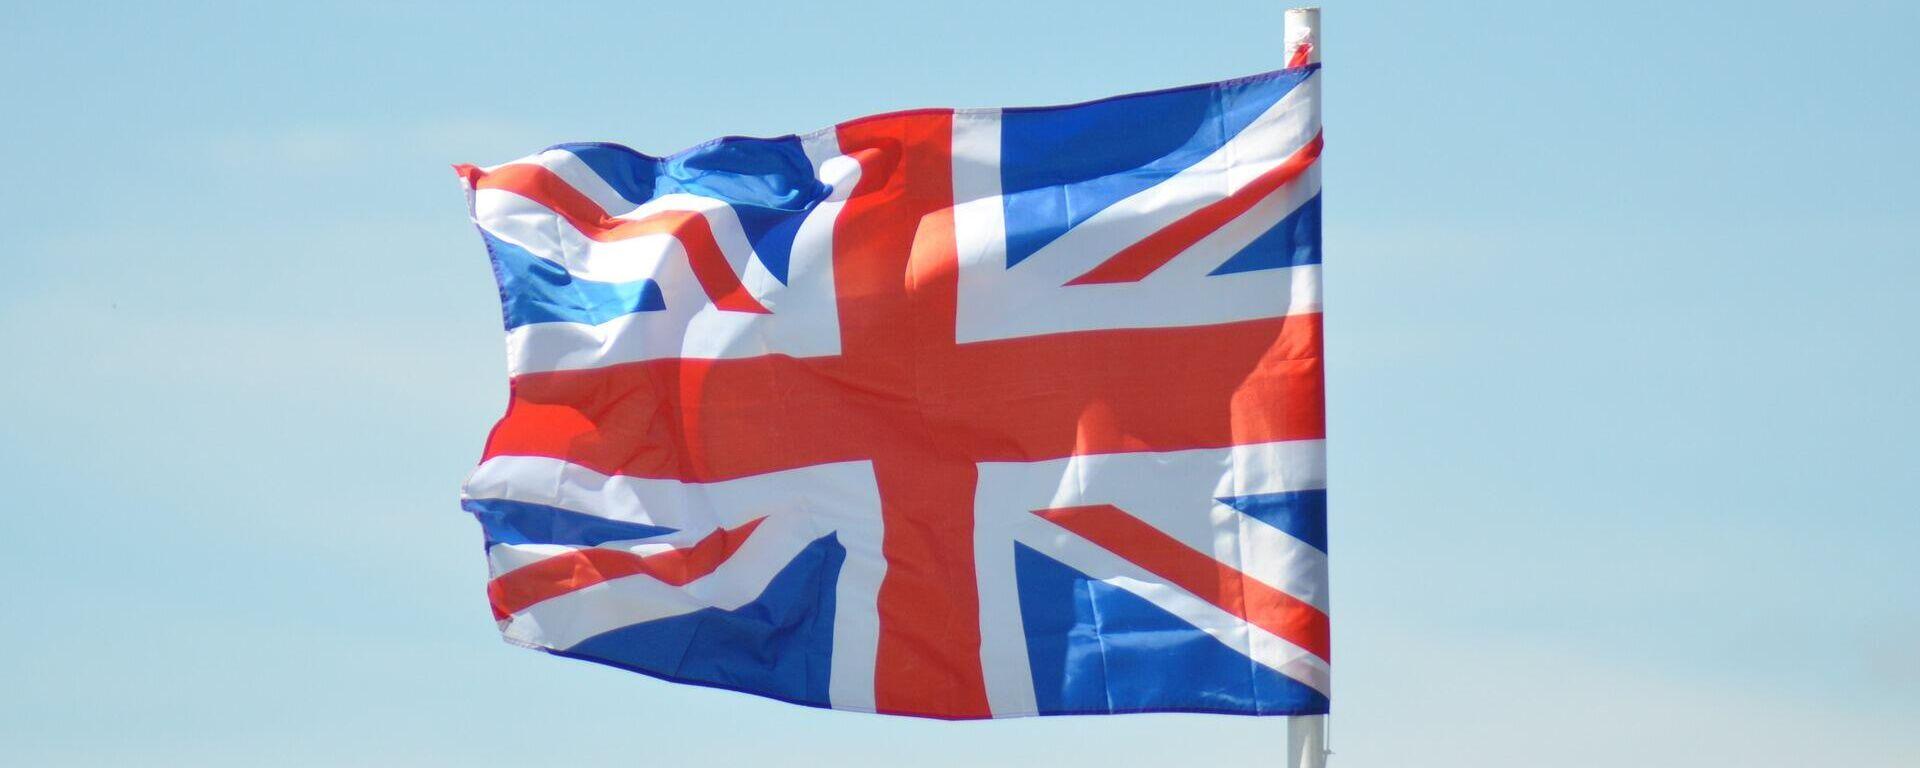 Britische Flagge (Symbolbild) - SNA, 1920, 13.09.2021